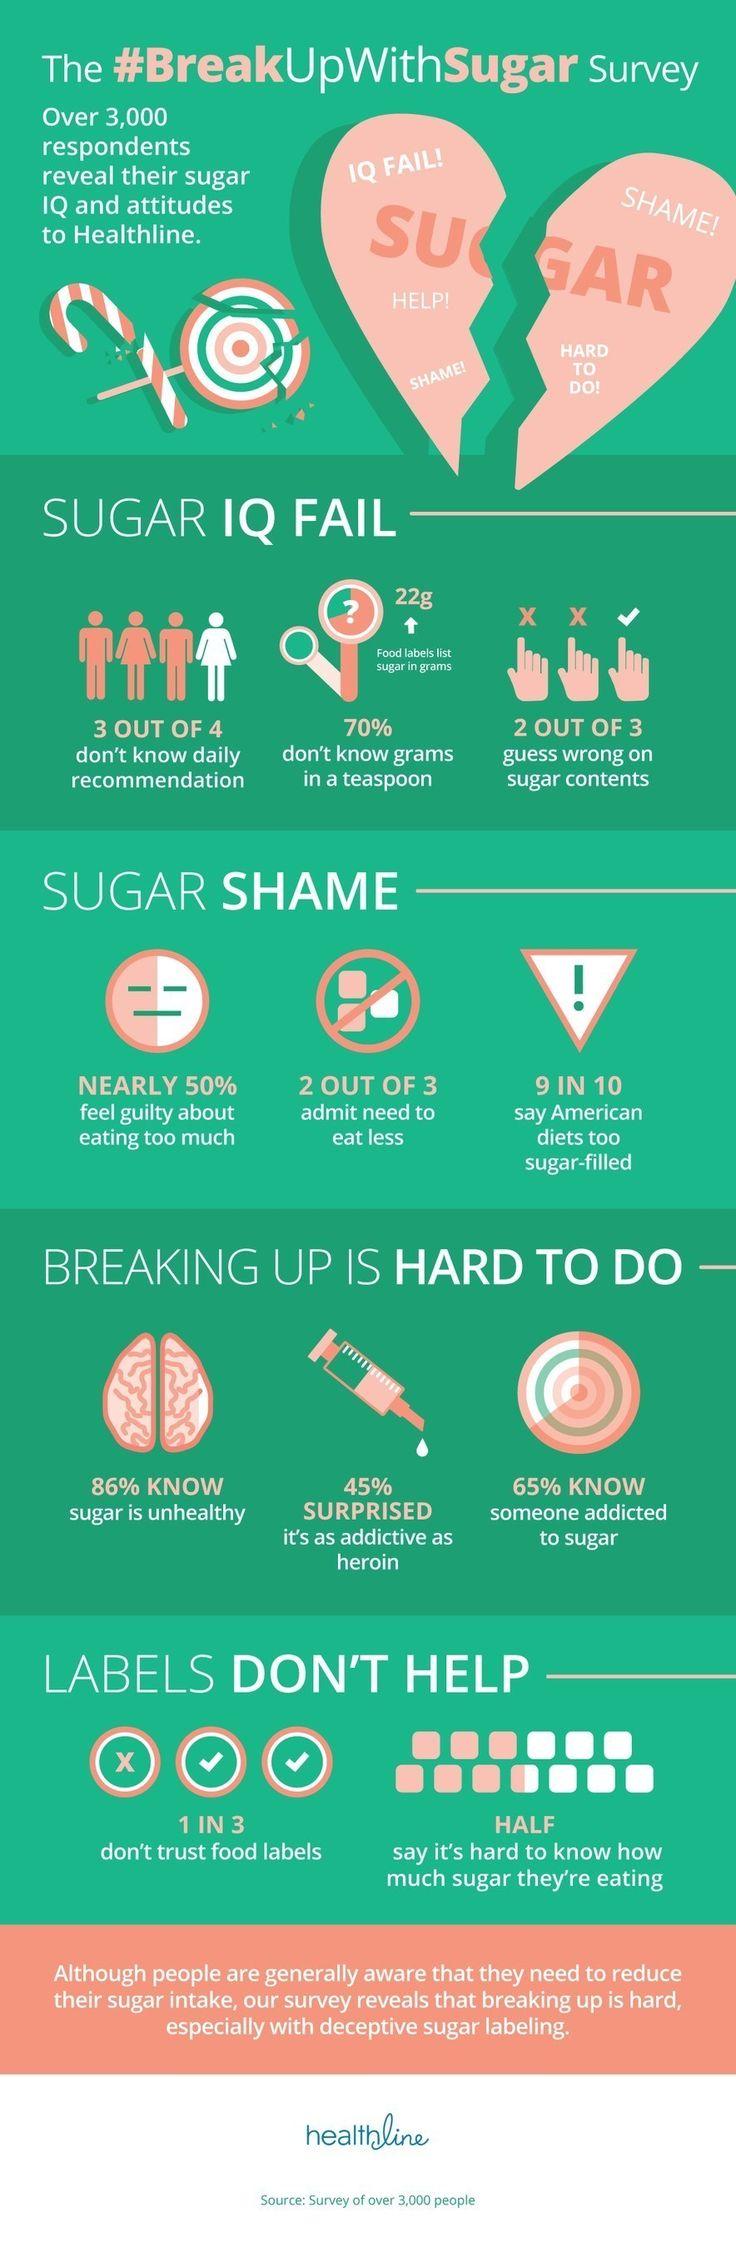 simptoms plat faible en calorie